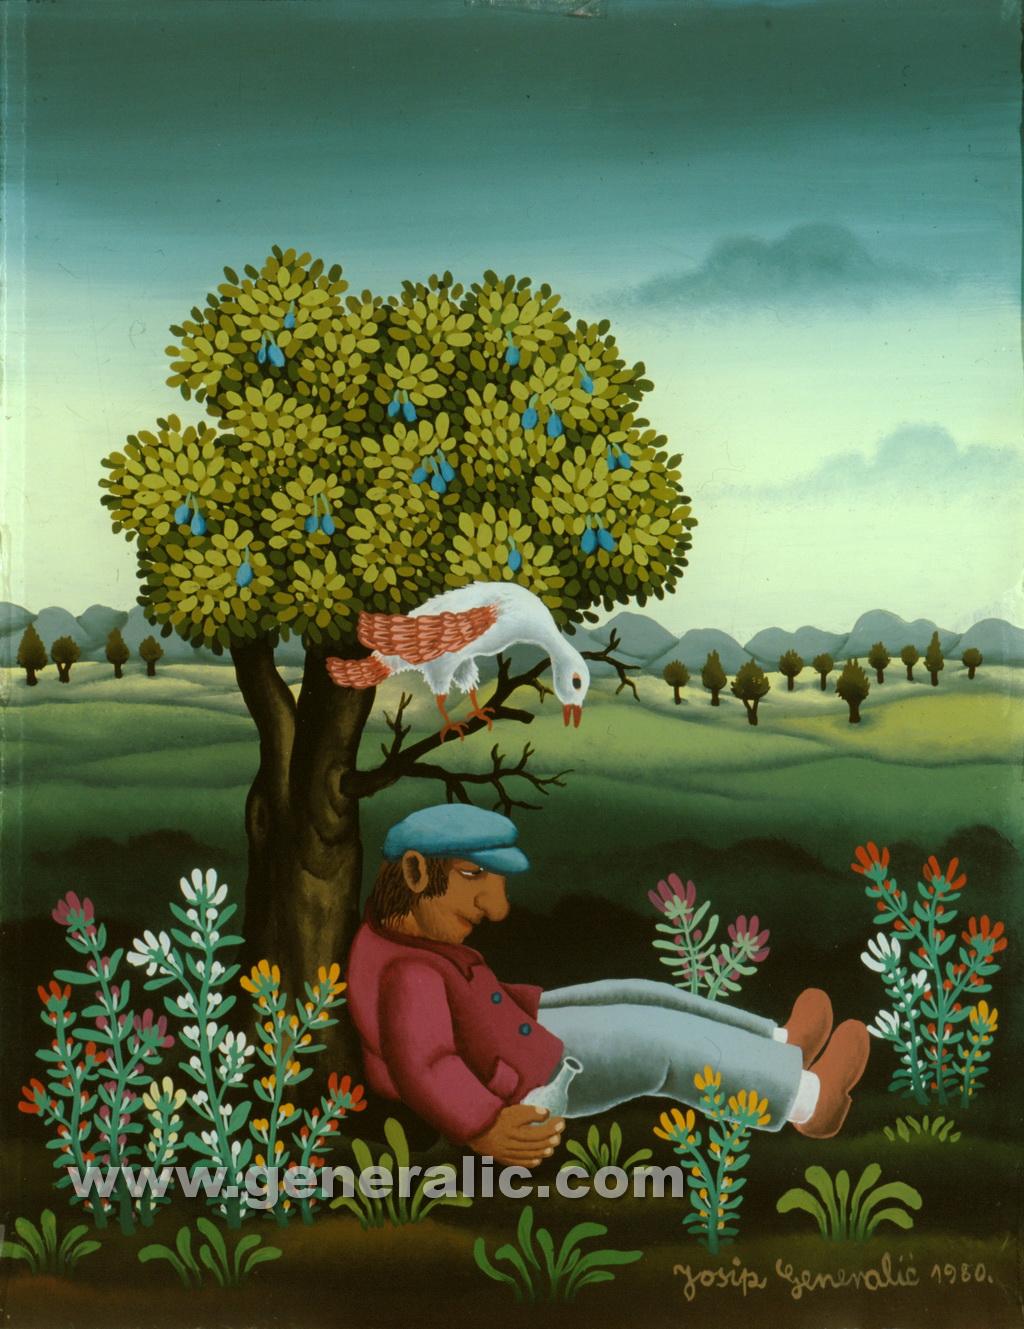 Josip Generalic, 1980, Sobering under a tree, oil on glass